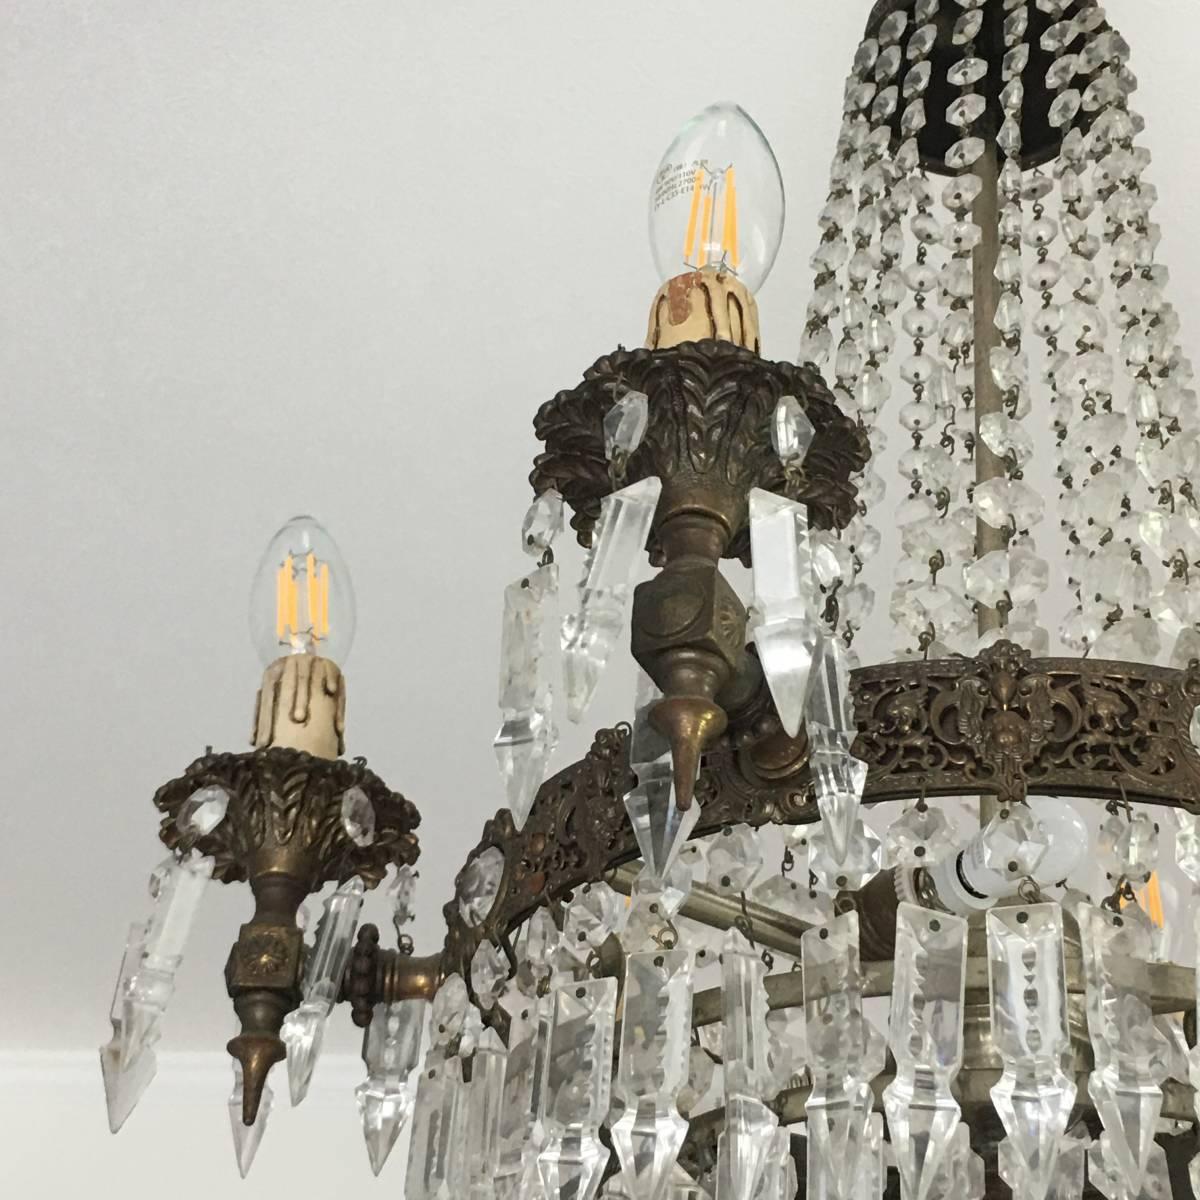 フランスアンティーク シャンデリア 10灯 エンパイア様式 アンティーク照明 アンティーク アンティーク家具 クリスタルシャンデリア_画像8